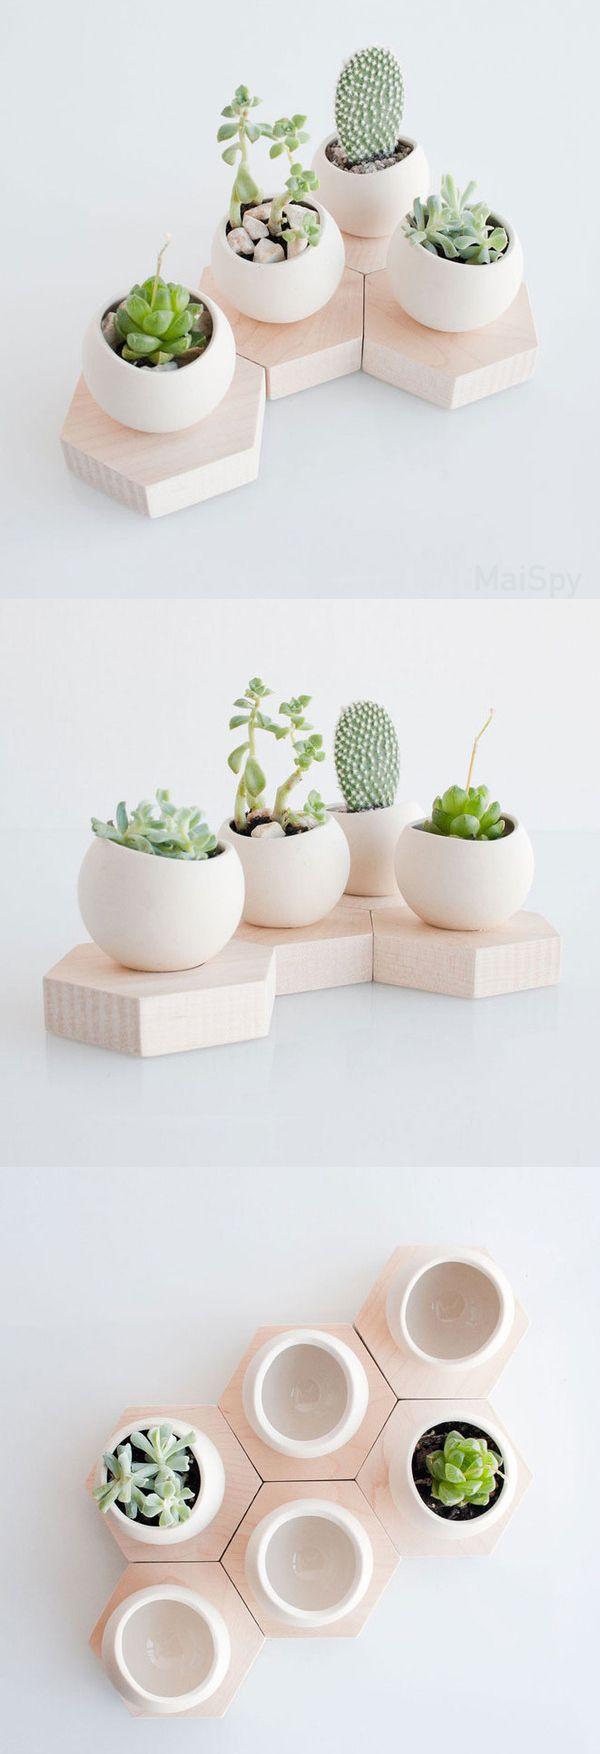 Hexagon Modular Planters